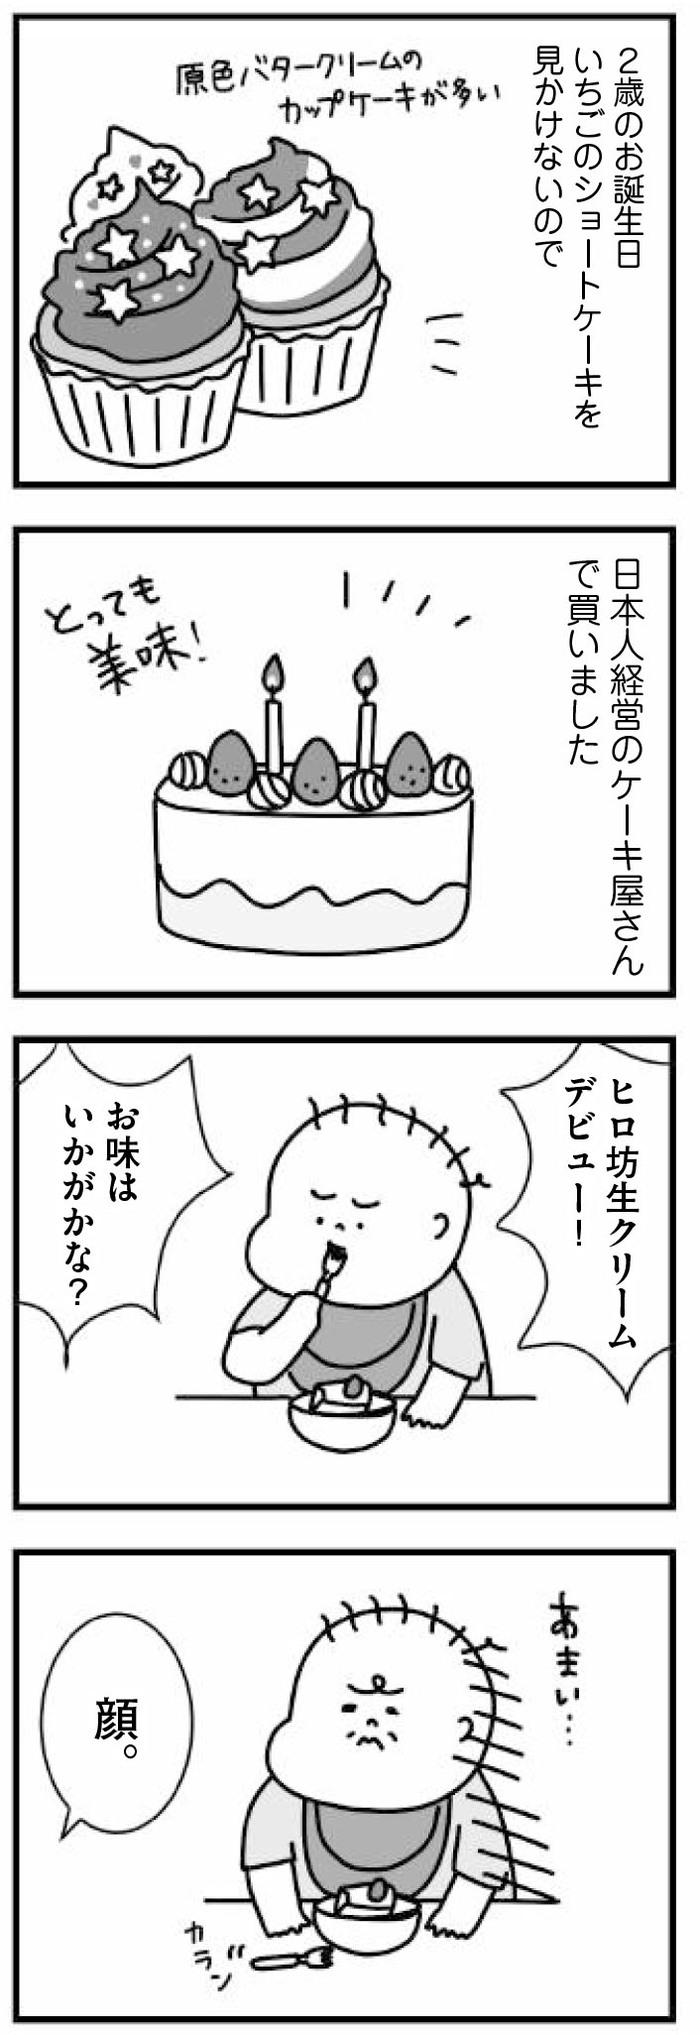 2歳の誕生日にケーキデビュー。あれ…?思ってた反応と違うの画像1